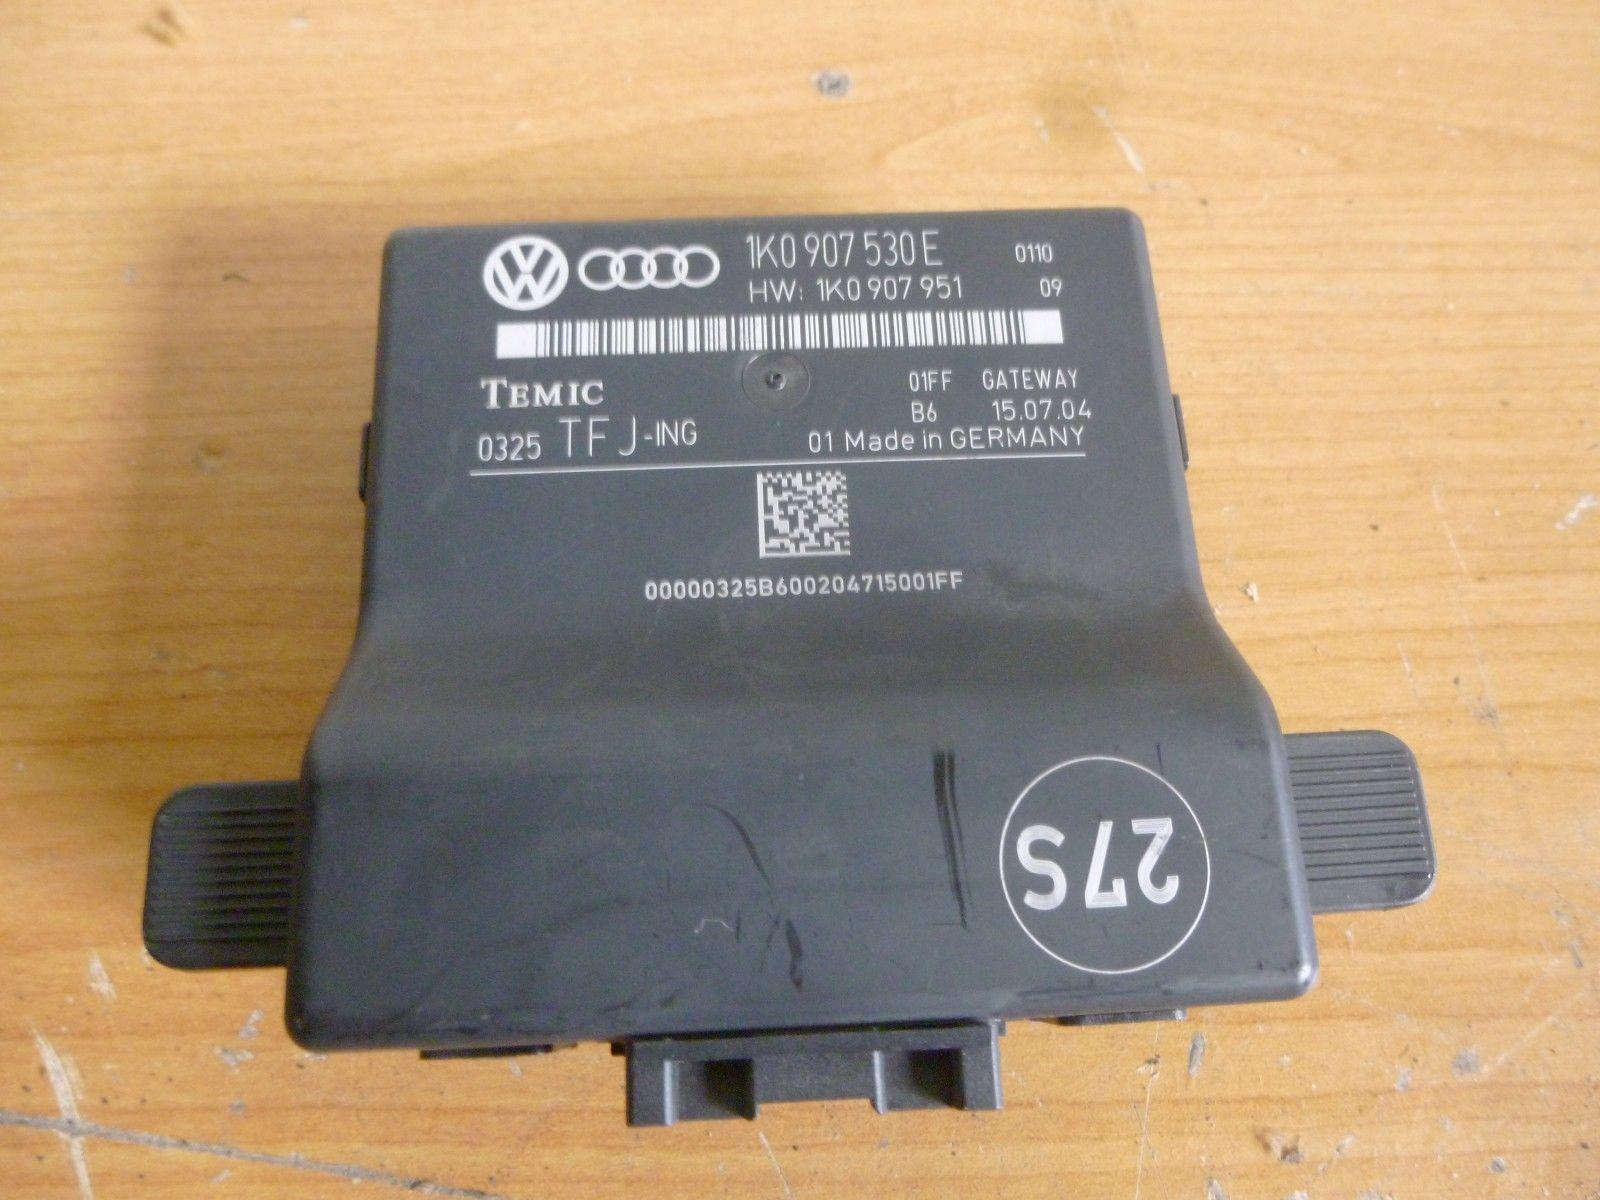 VW Touran Gateway Steuergerät 1K0907530E